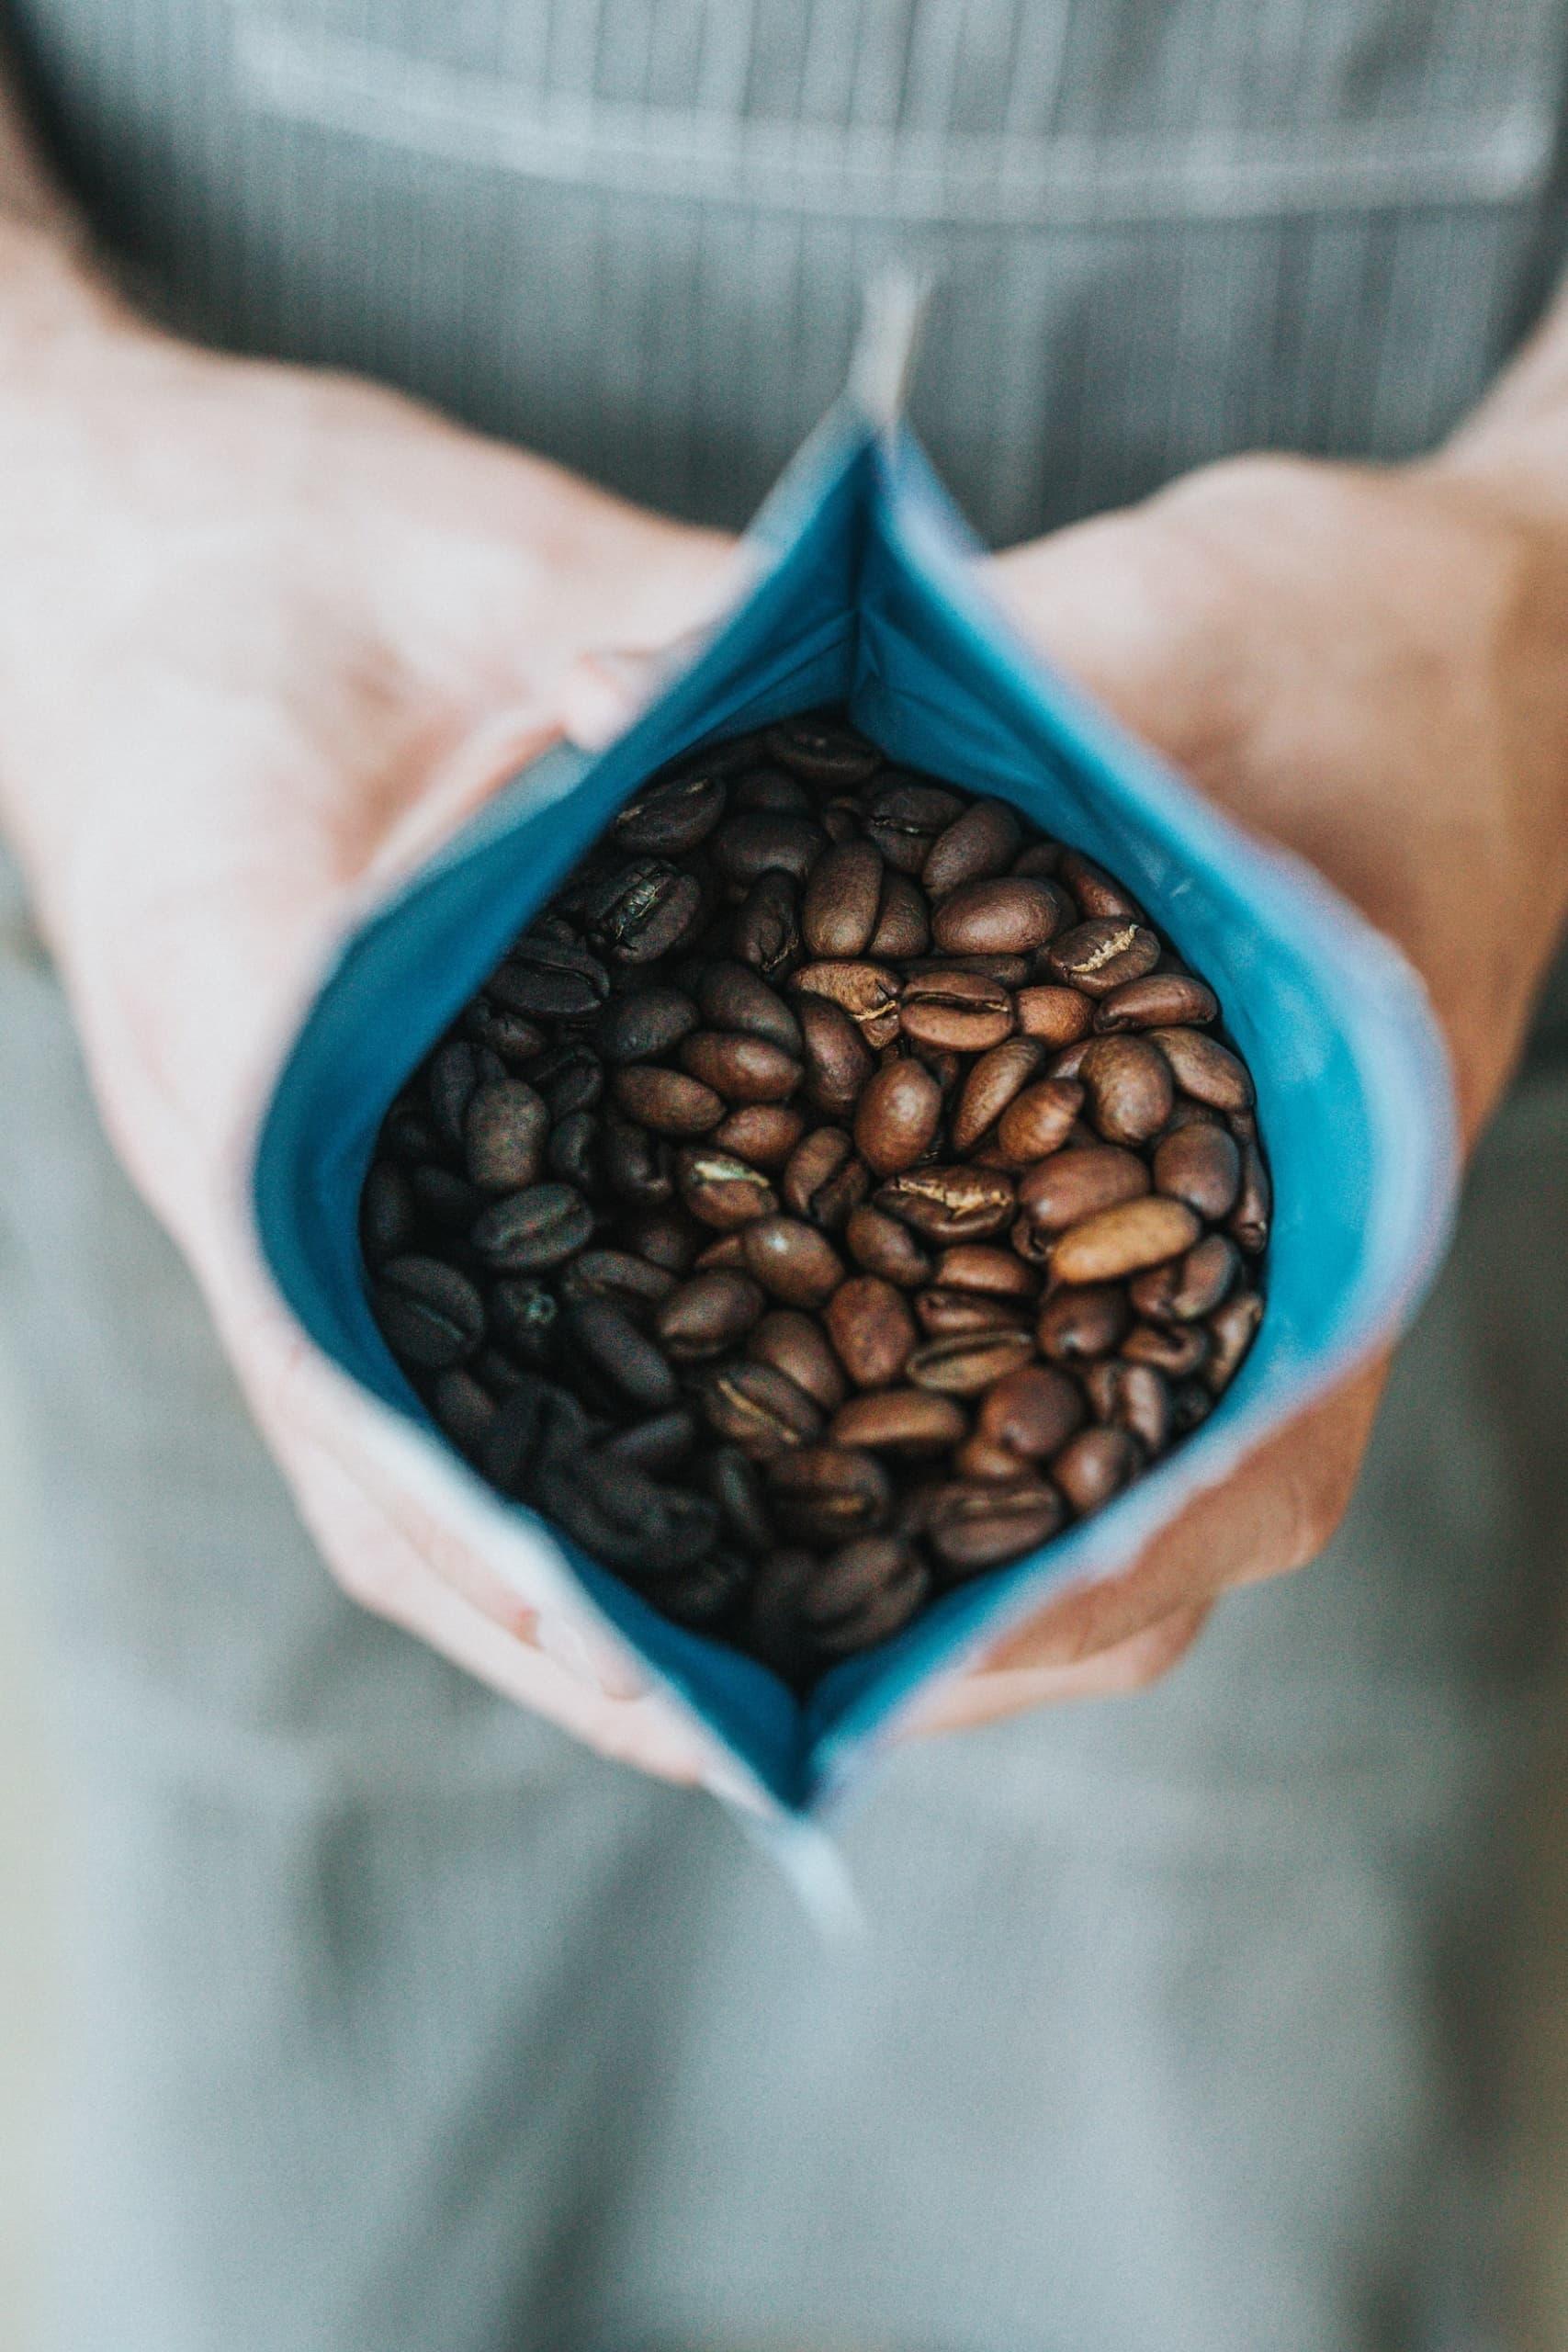 Mann hält Packung mit frisch geröstetem Kaffee in der Hand